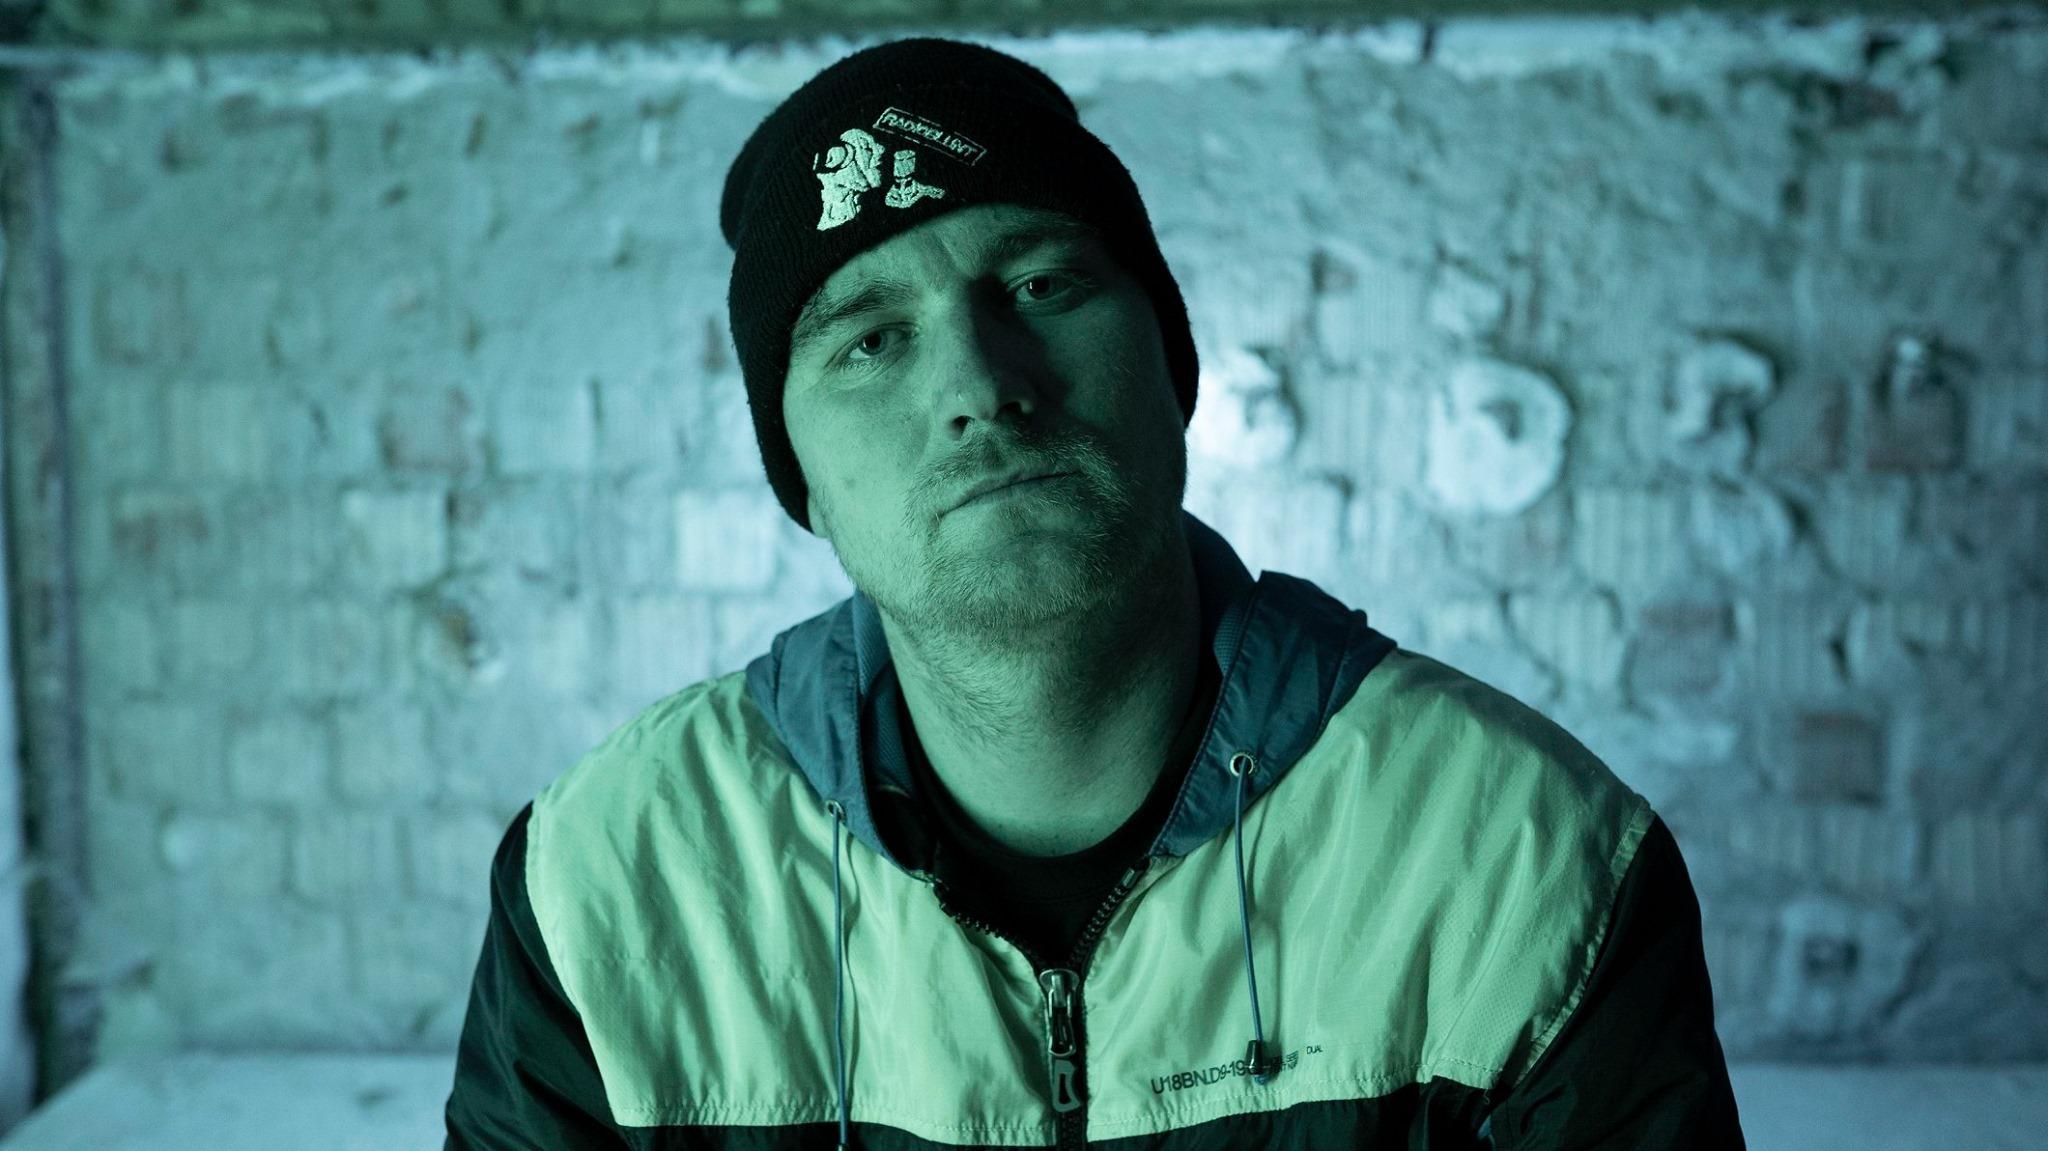 Přerovský rapper JaPh má nový videoklip. Vysvětluje v něm, proč je přerovský rap 'Schovanej'